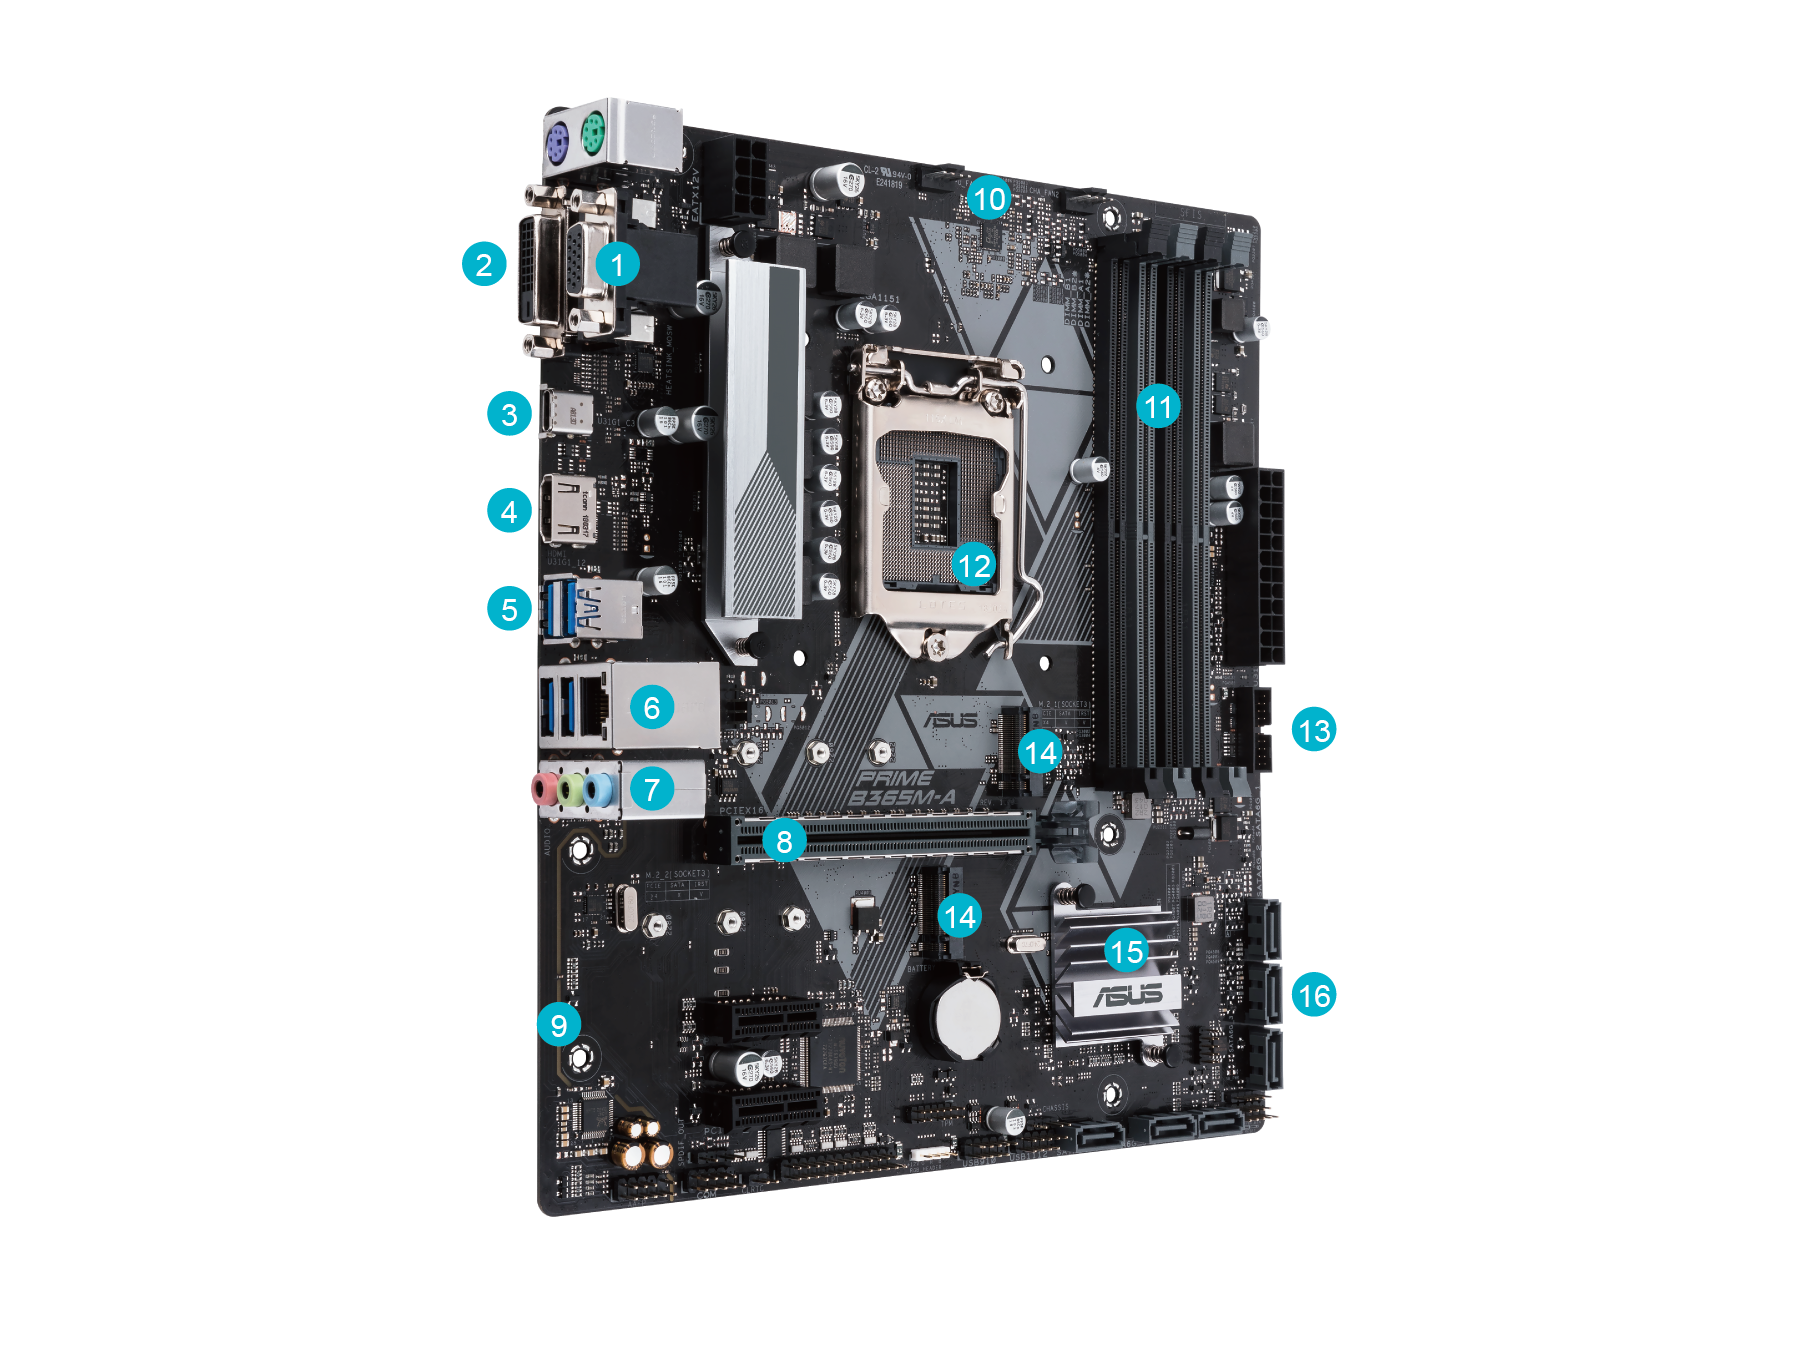 ASUS PRIME B365M-K mATX Motherboard for Intel LGA1151 CPUs